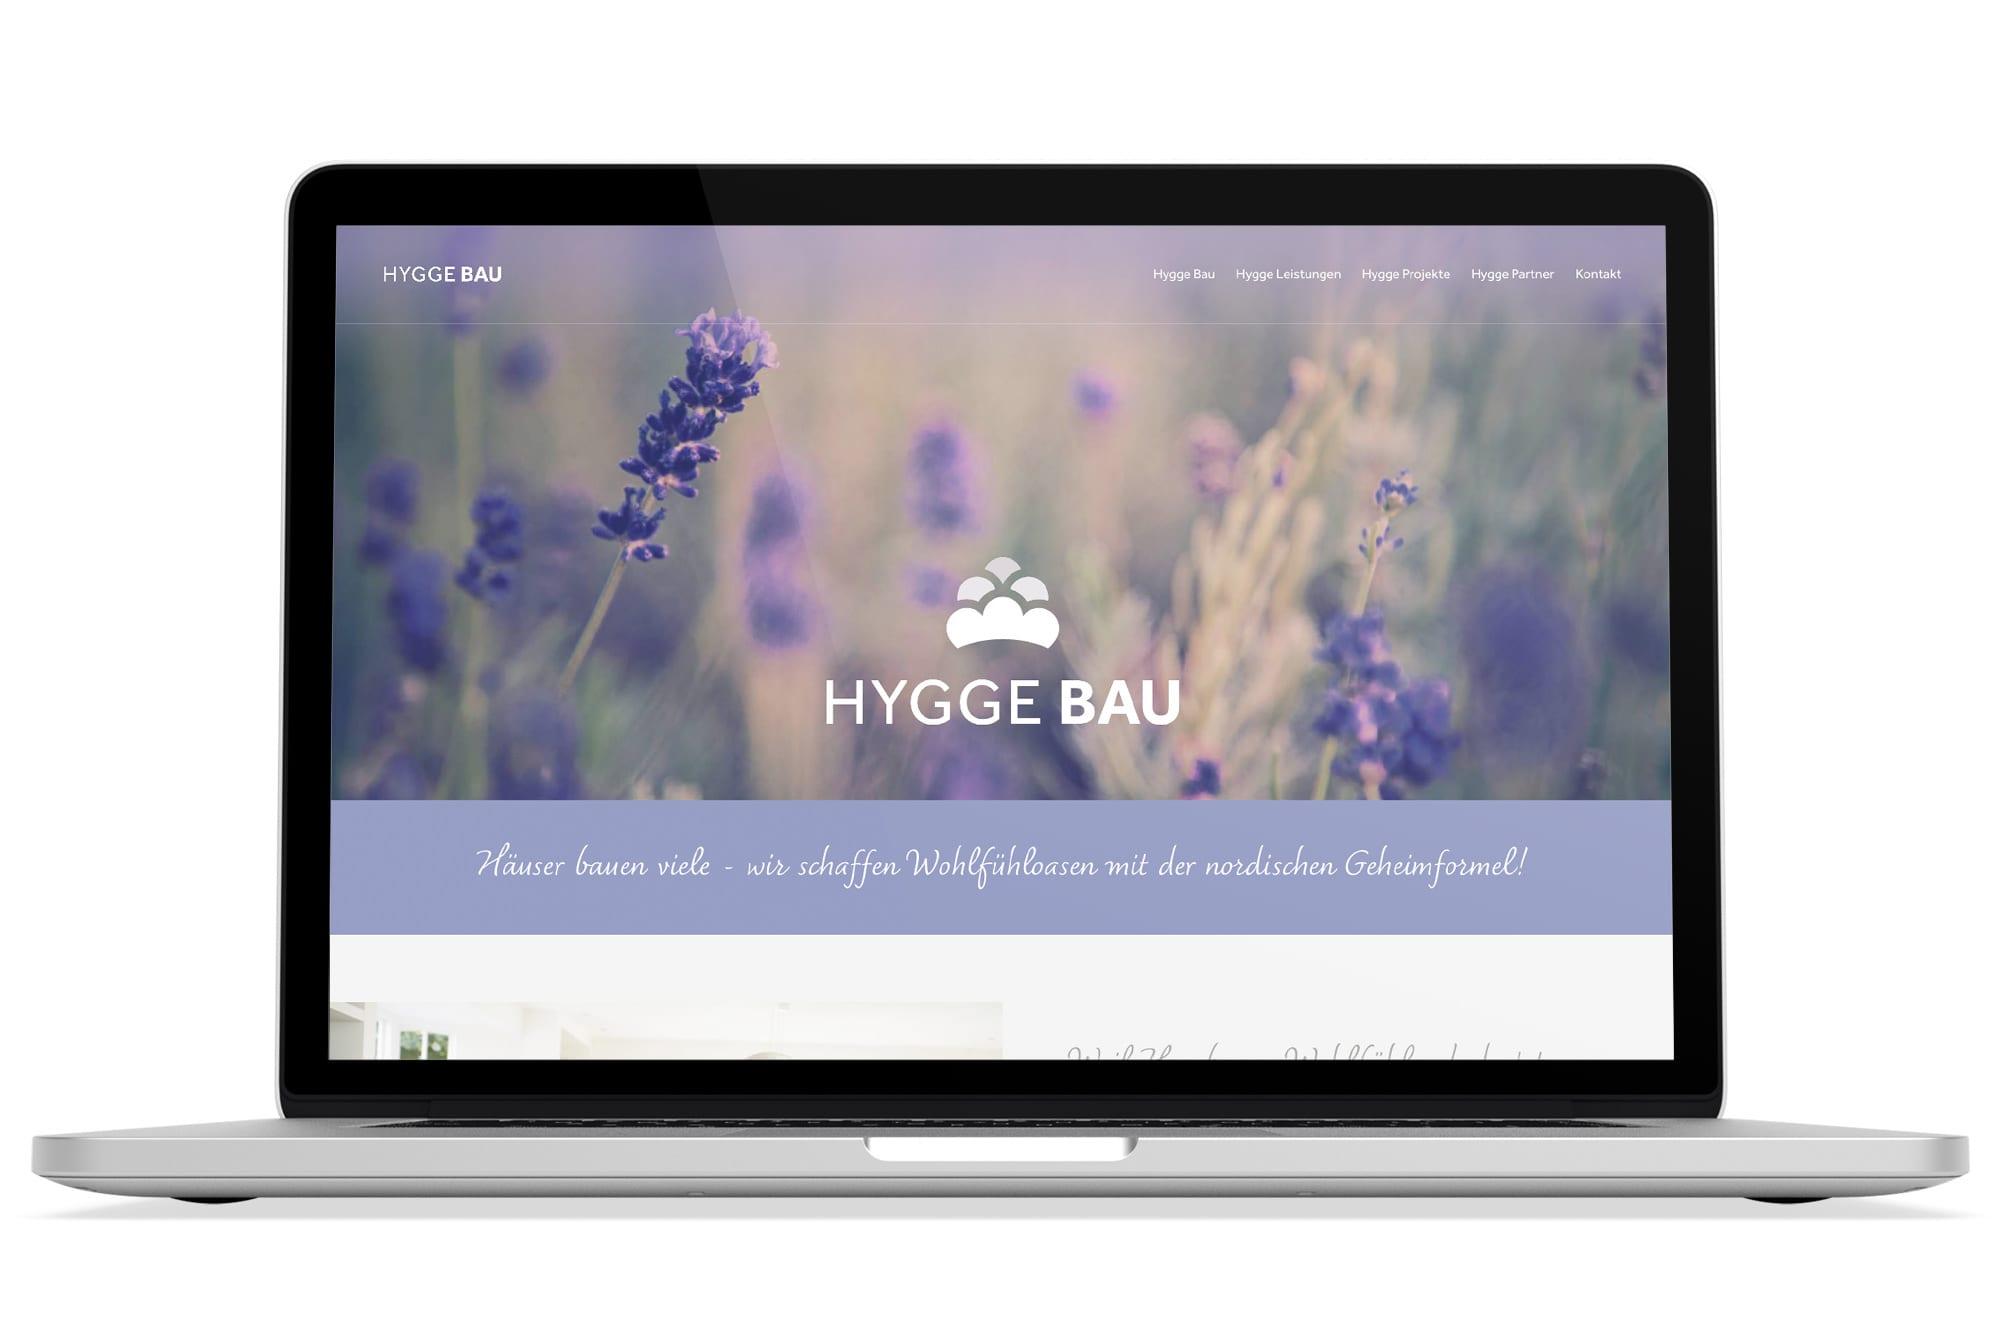 Webdesign Beispiel: Corporate Design, Responsive Webdesign, WordPress für Bauträger in Wien